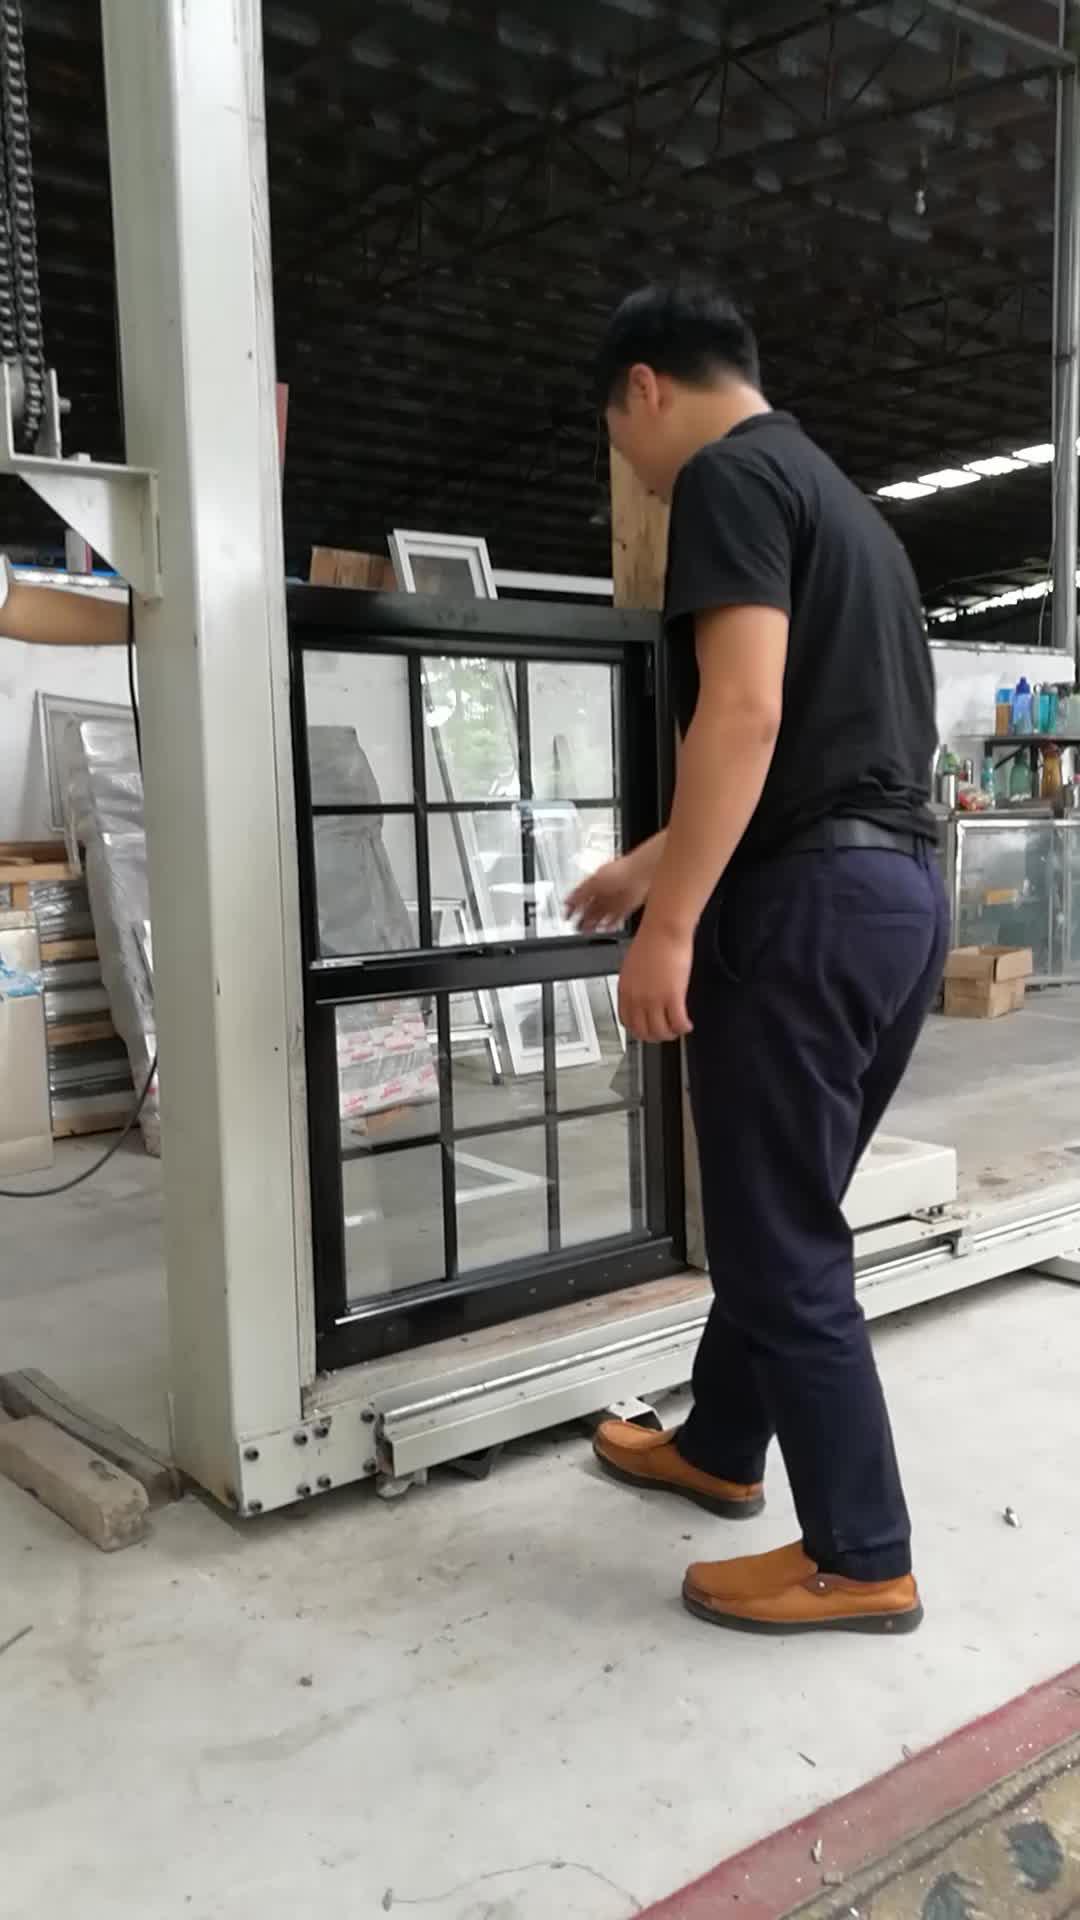 दरवाजा जीत रूस में सबसे सस्ता गर्म बिक्री अनुकूलित अलग अलग रंग लकड़ी सामग्री एकल त्रिशंकु windows फिसलने